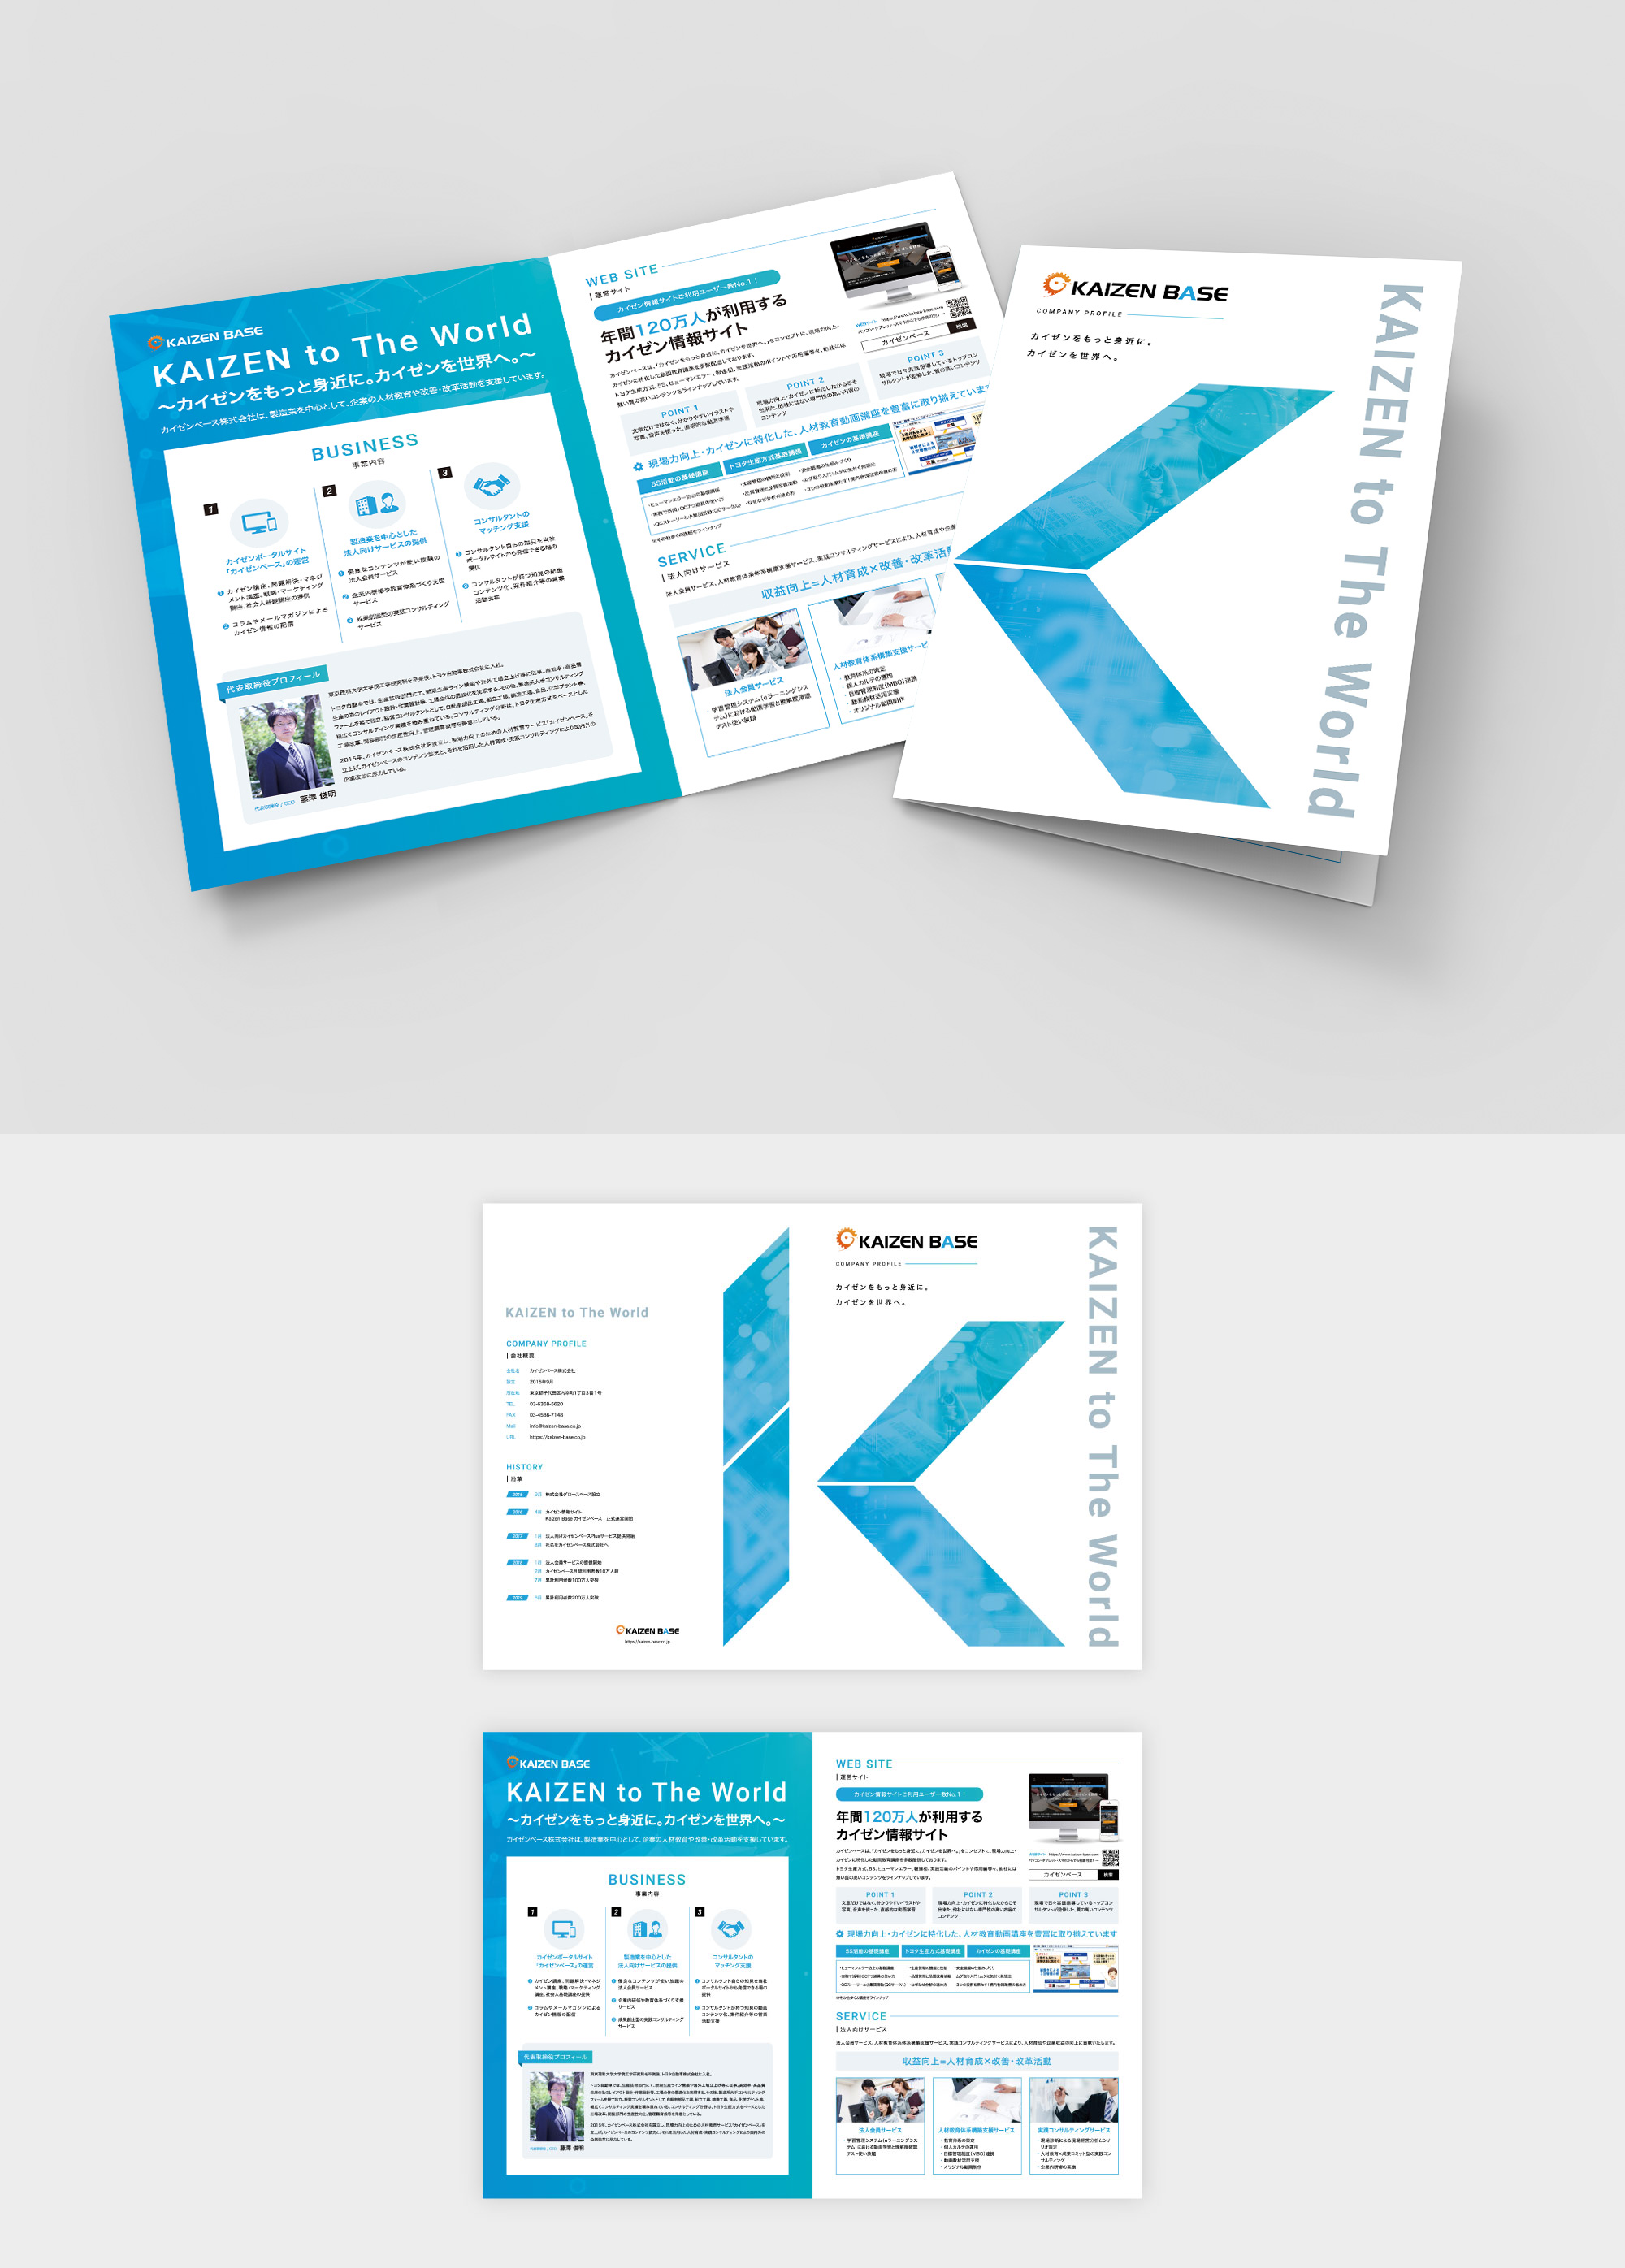 ブルー系 会社案内 パンフレット パンフレット デザイン パンフレット 企業パンフレットのデザイン